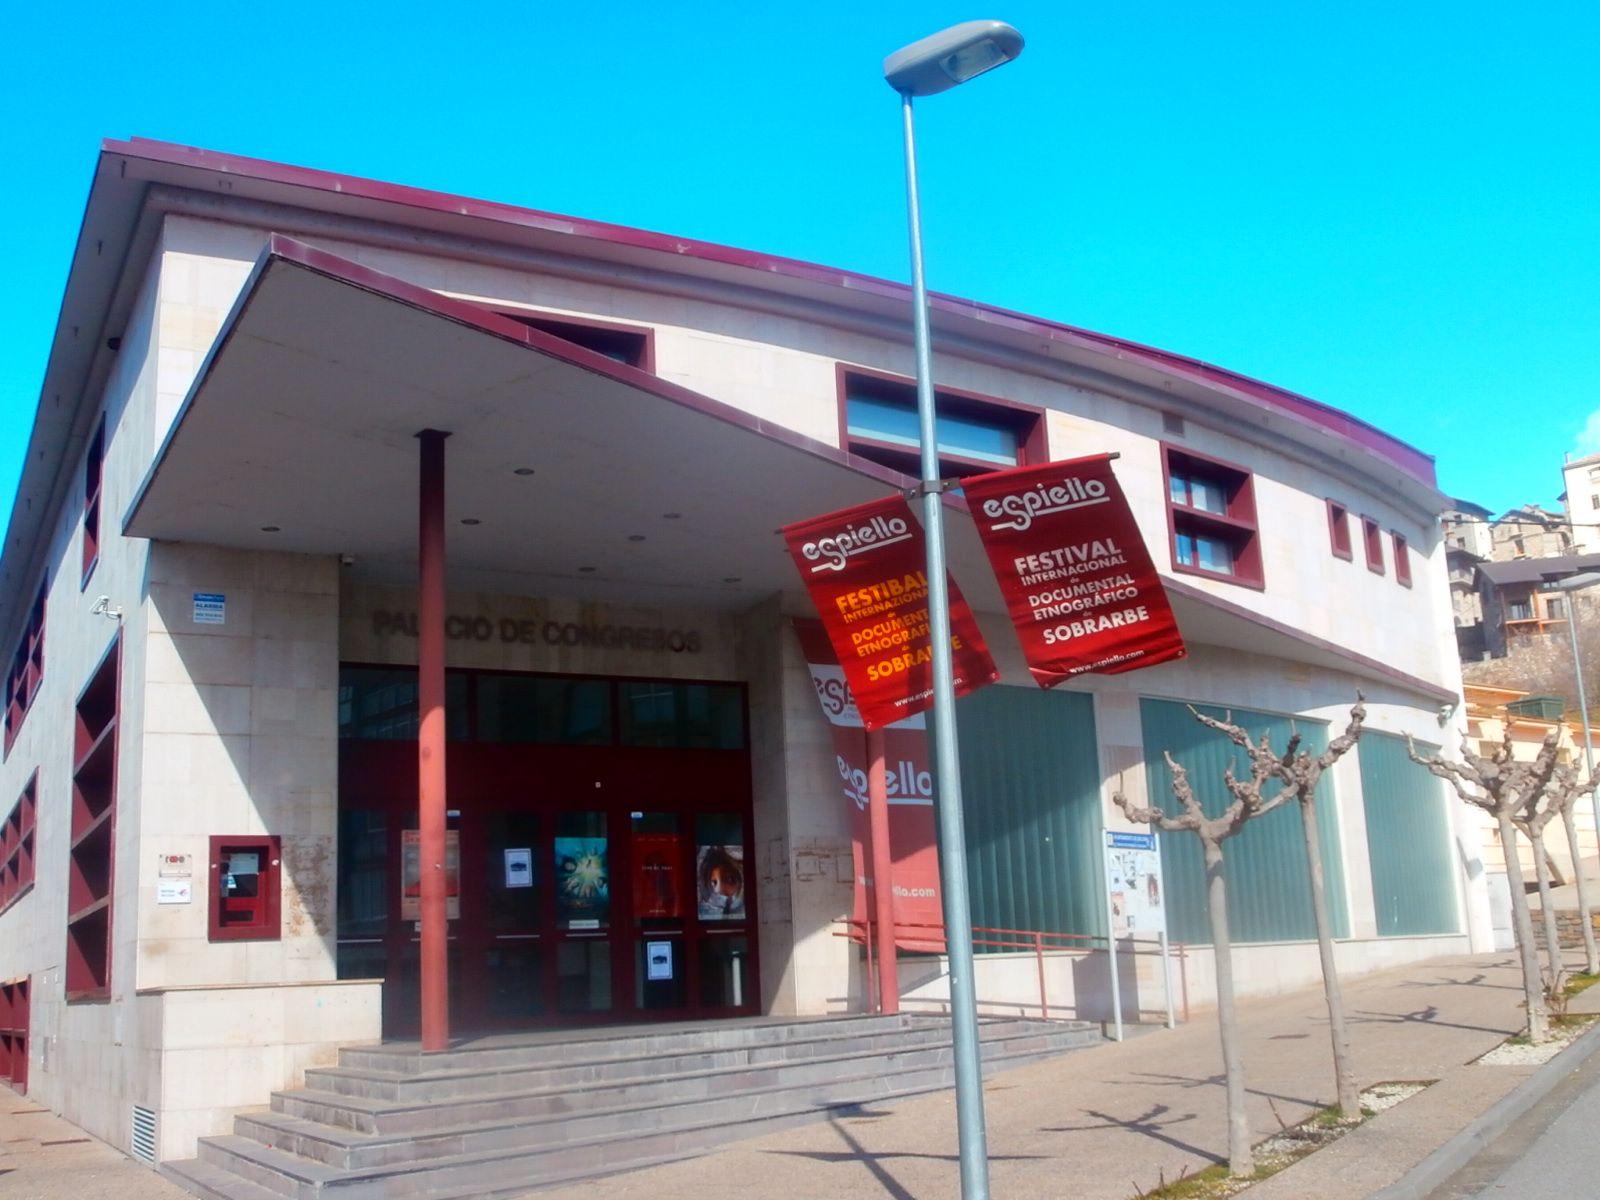 Espiello se celebra en el palacio de Congresos de Boltaña. Foto. SobrarbeDigital.